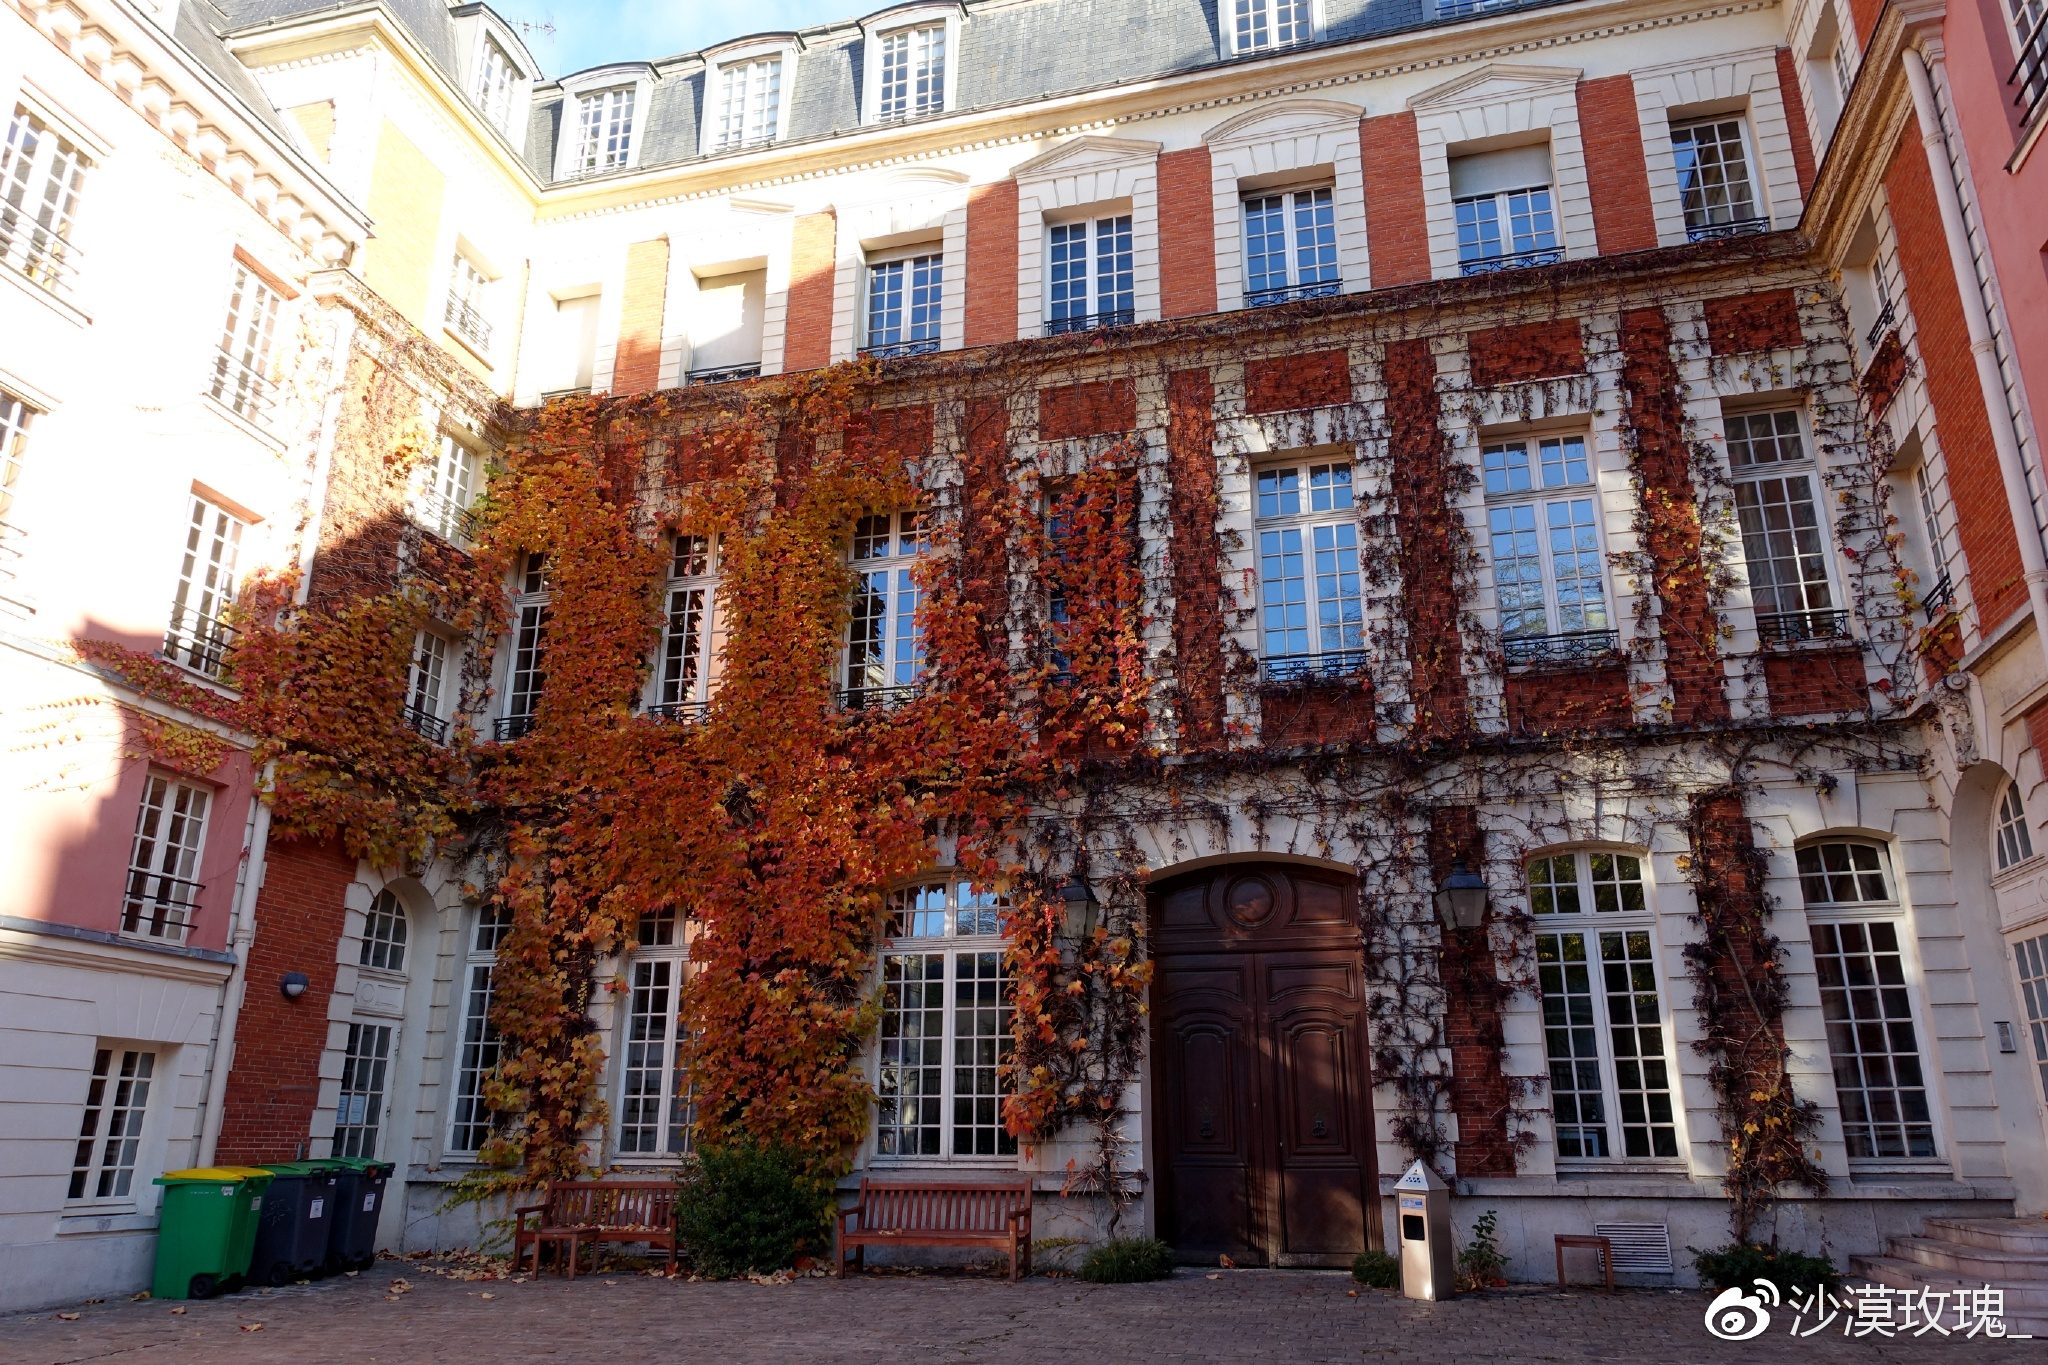 巴黎玛莱区,时尚族人最钟爱的休闲空间